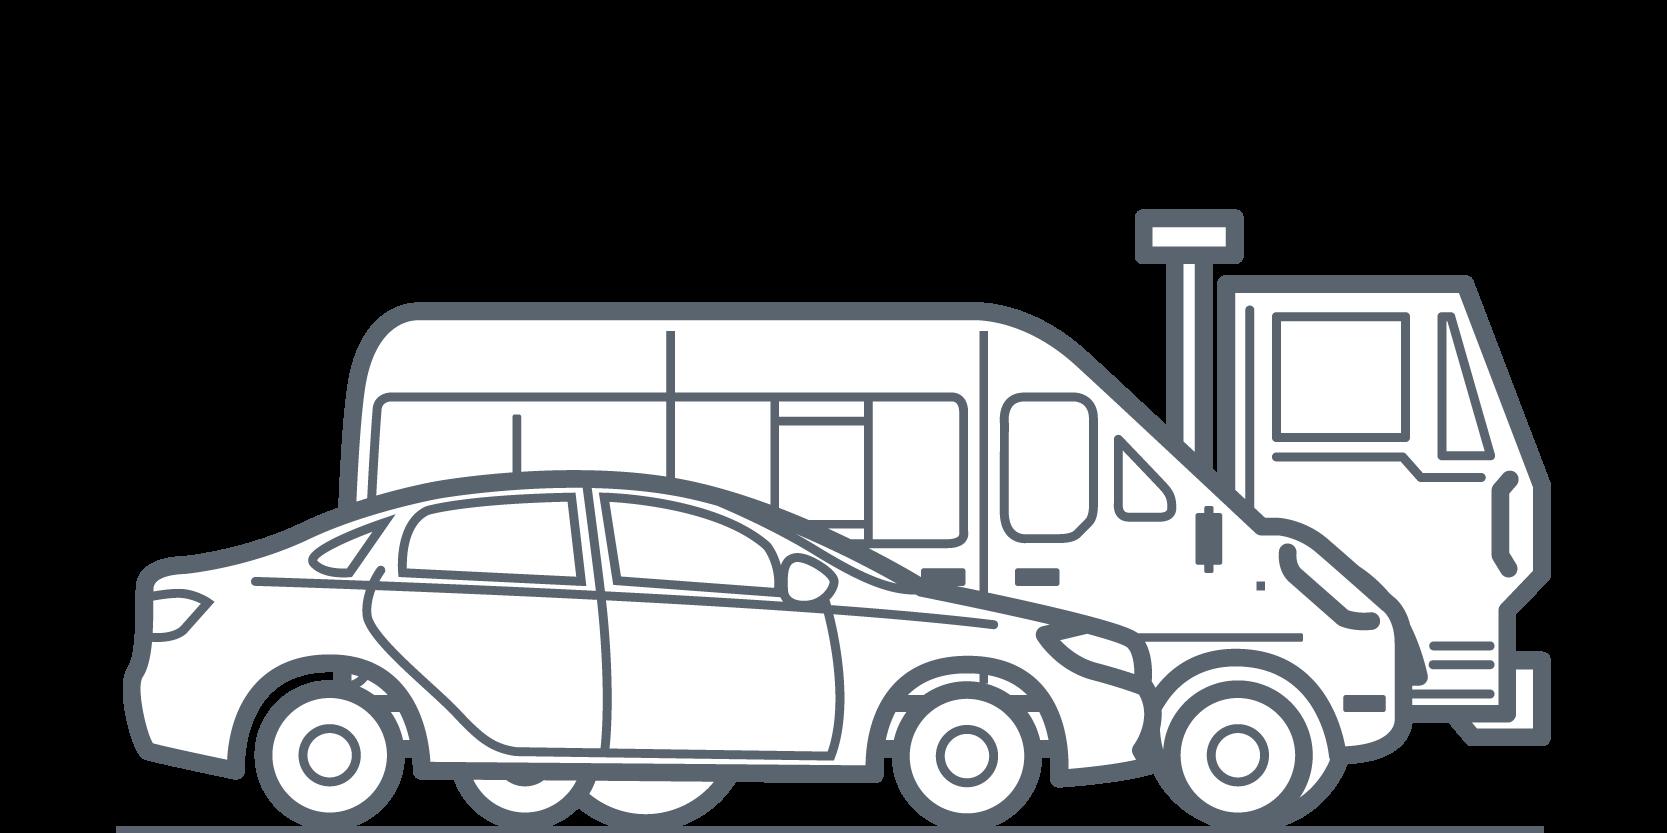 Машины в кредит симферополь